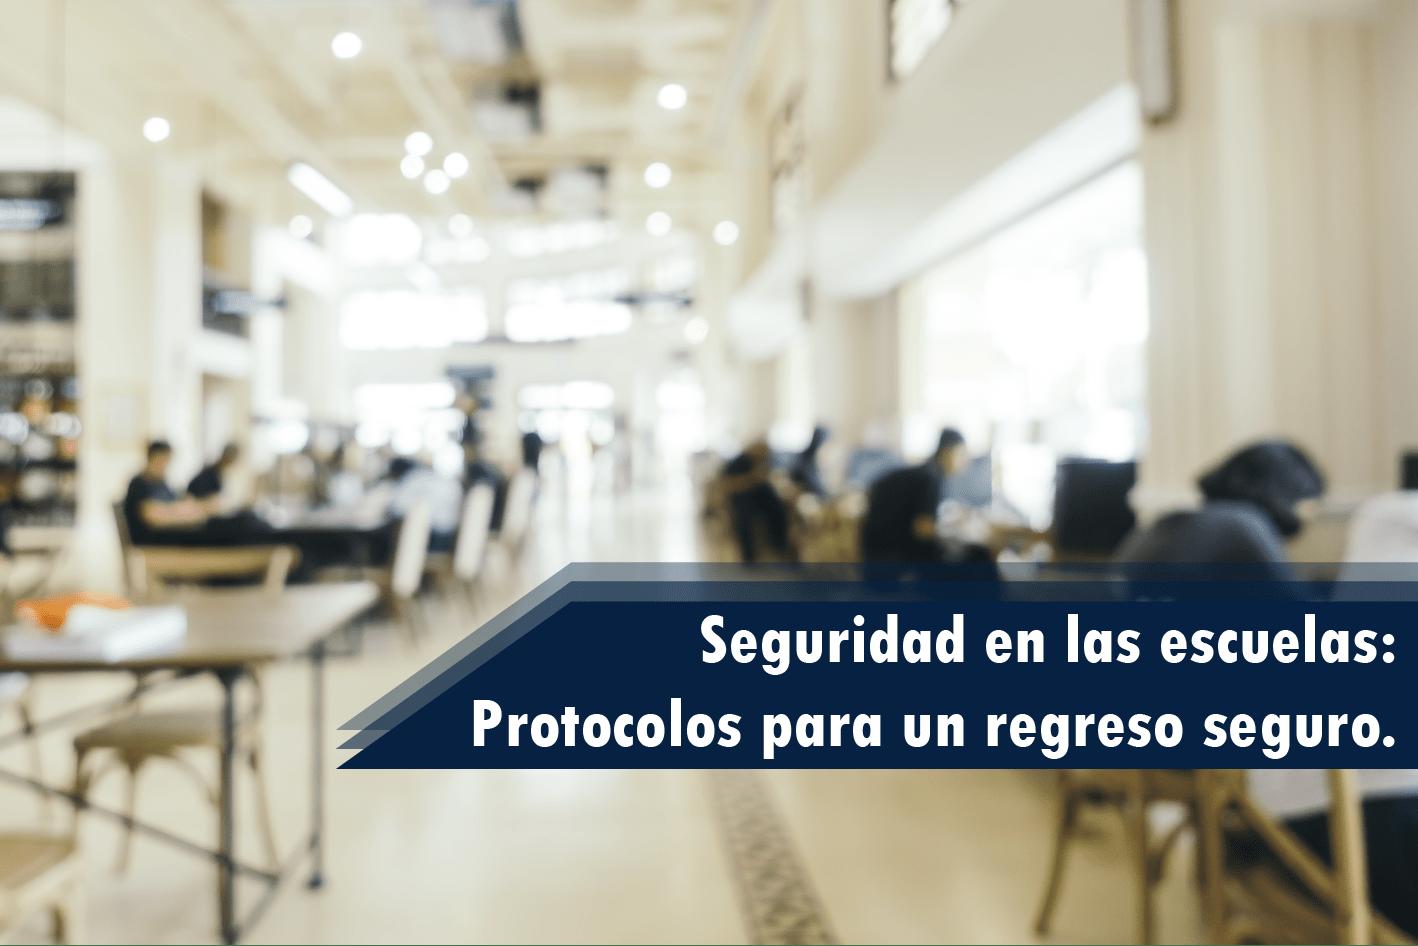 Seguridad en las escuelas: Protocolos para un regreso seguro.